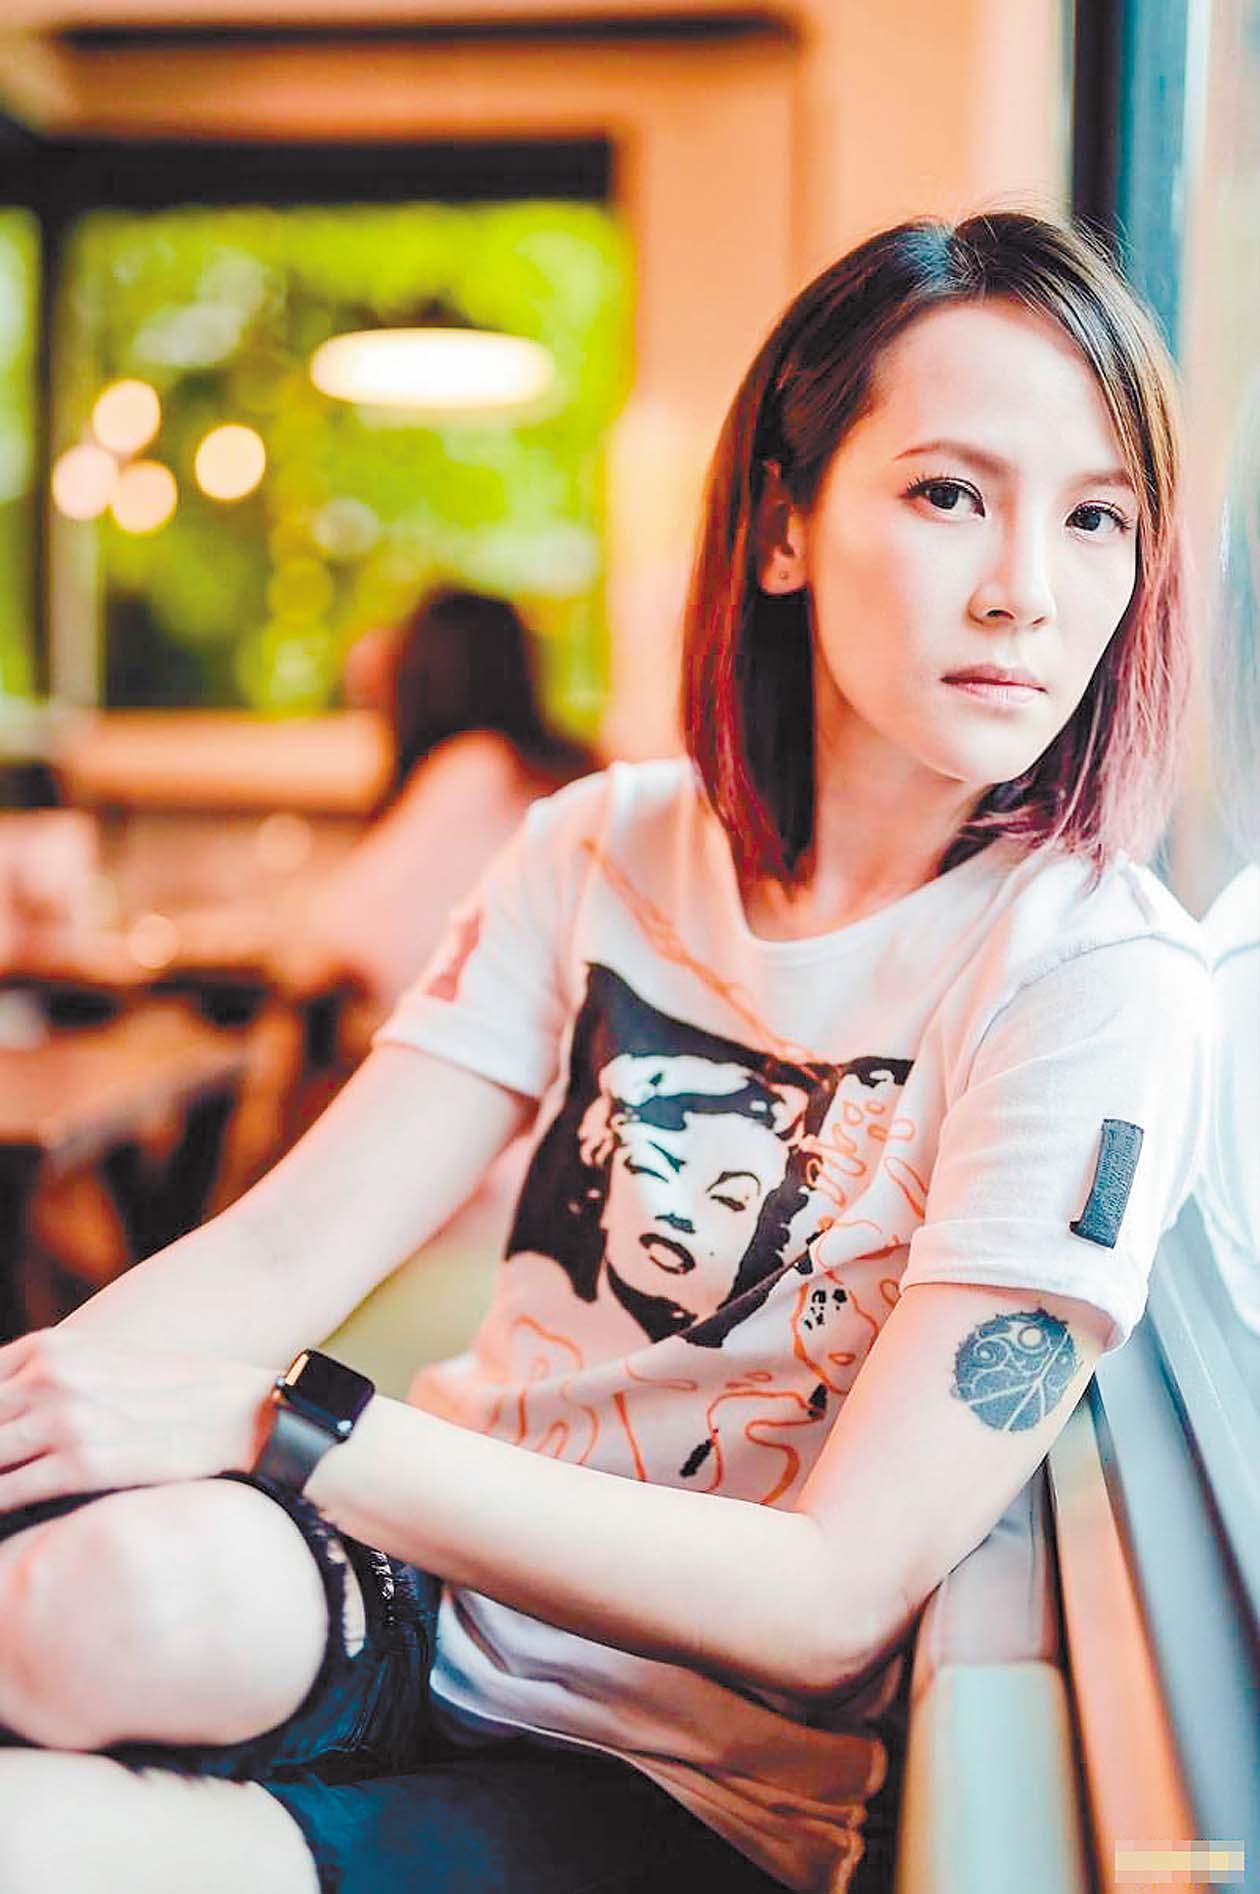 ■楊乃文今年第4度入圍金曲最佳女歌手,她日前 受訪時表示,自己不迷信,所以不會準備幸運物。 網上圖片